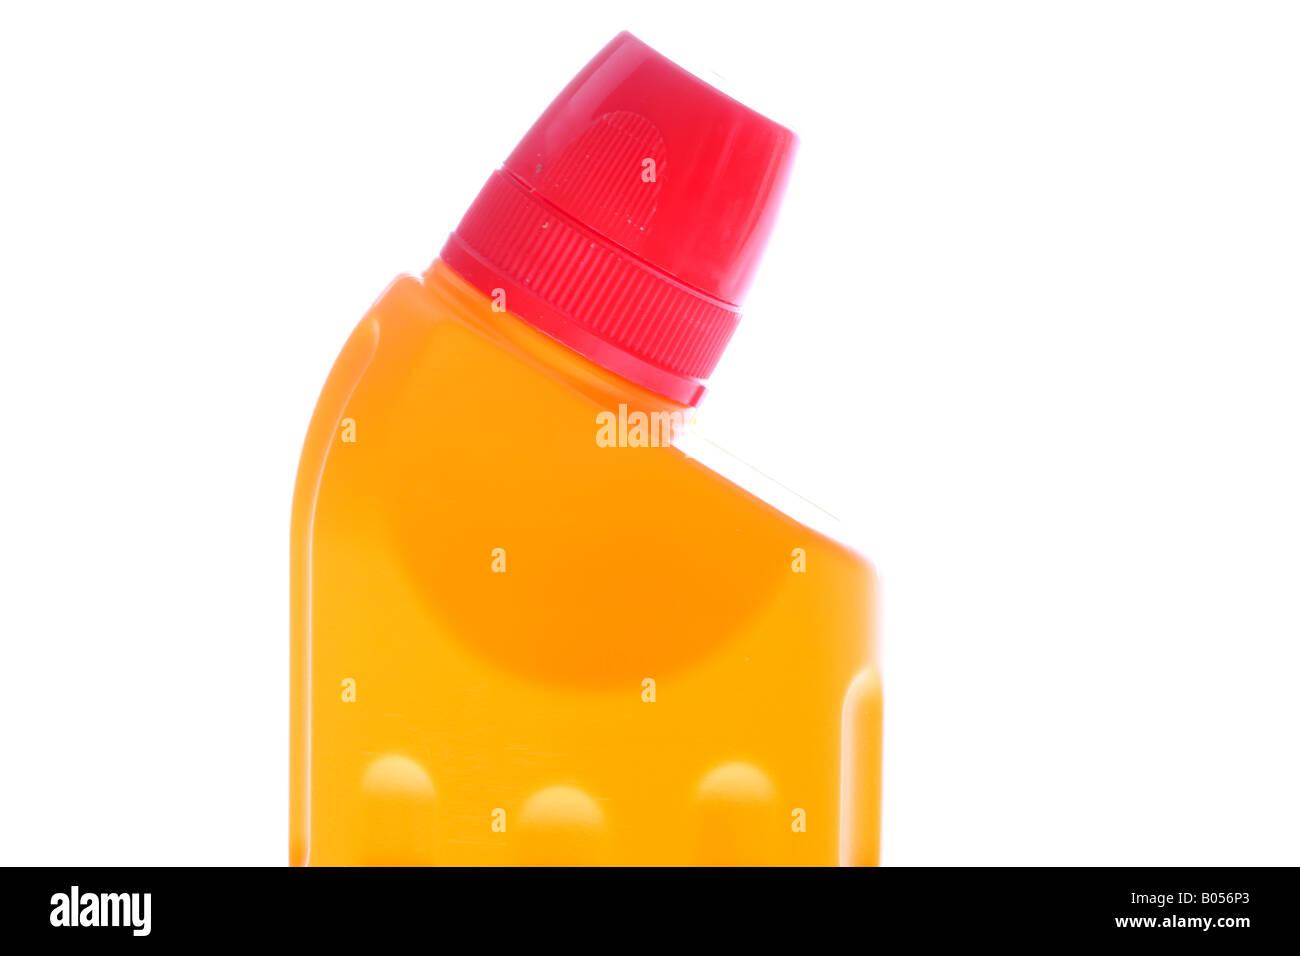 Bottle of Bleach Stock Photo